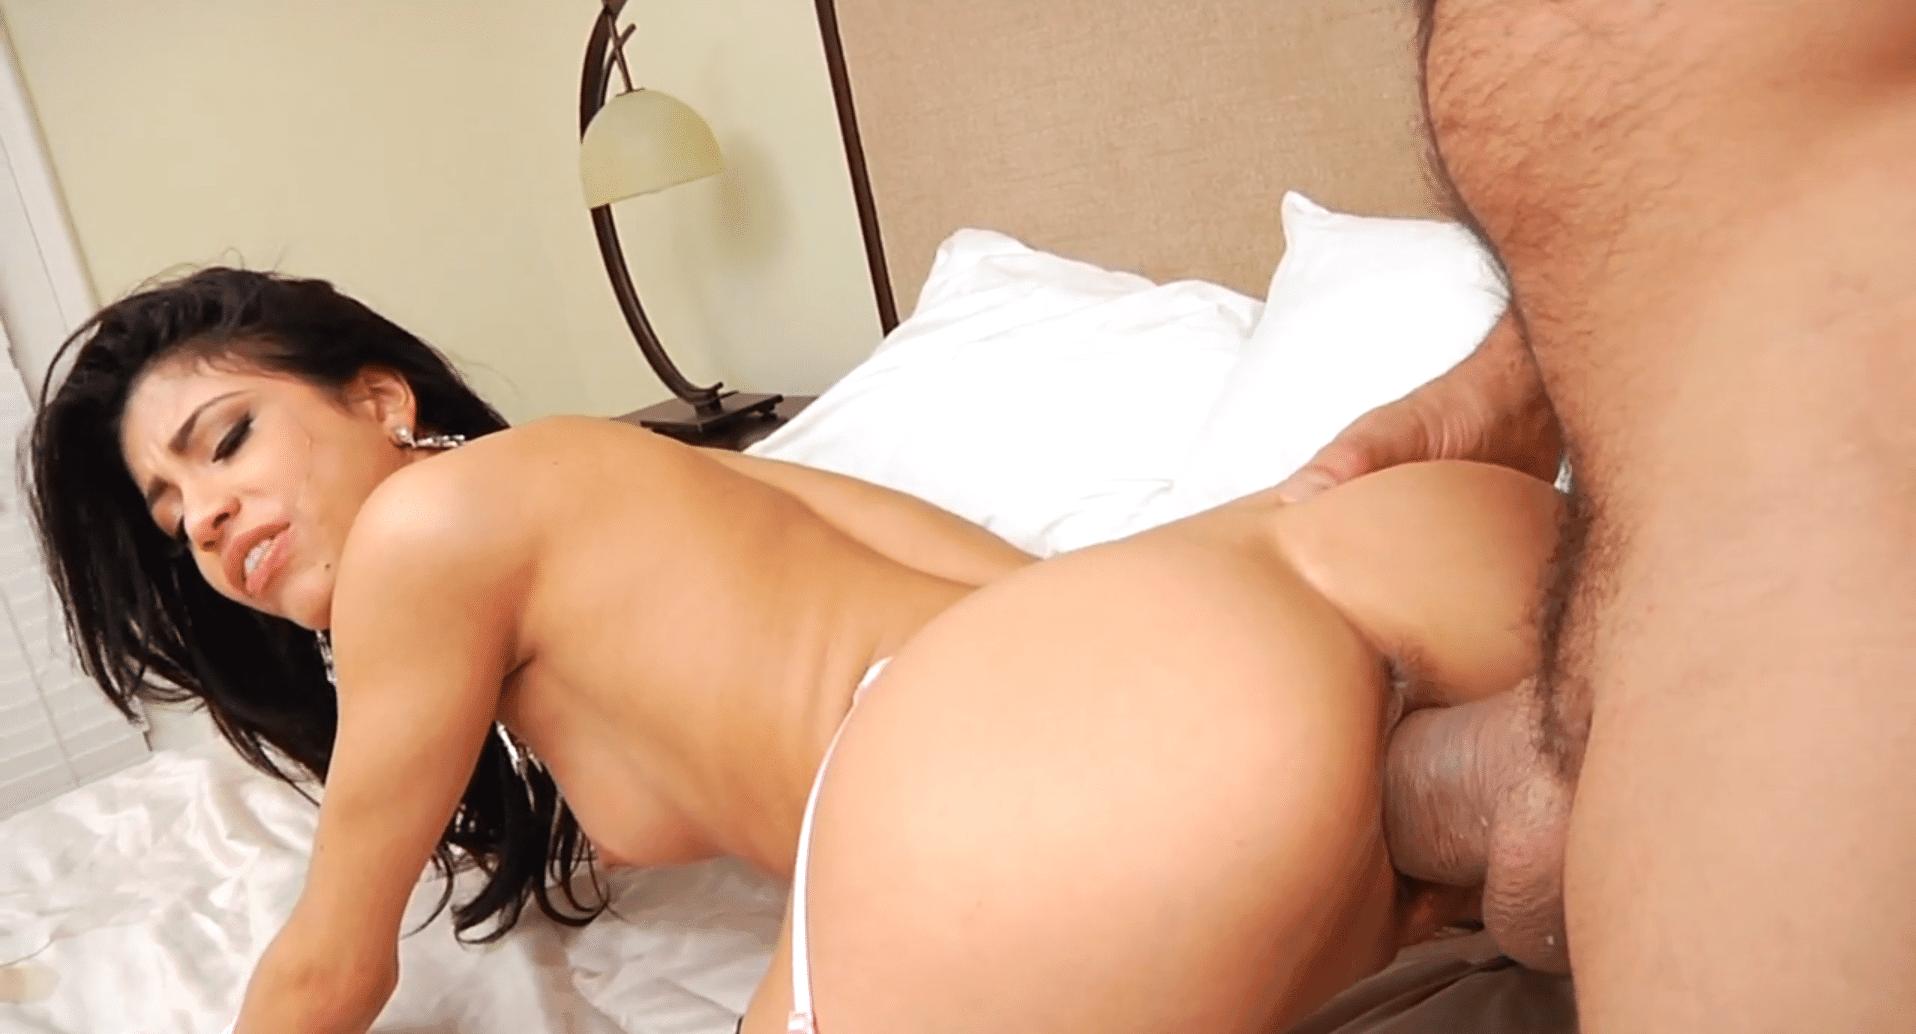 české pornoherečky skupinovy sex